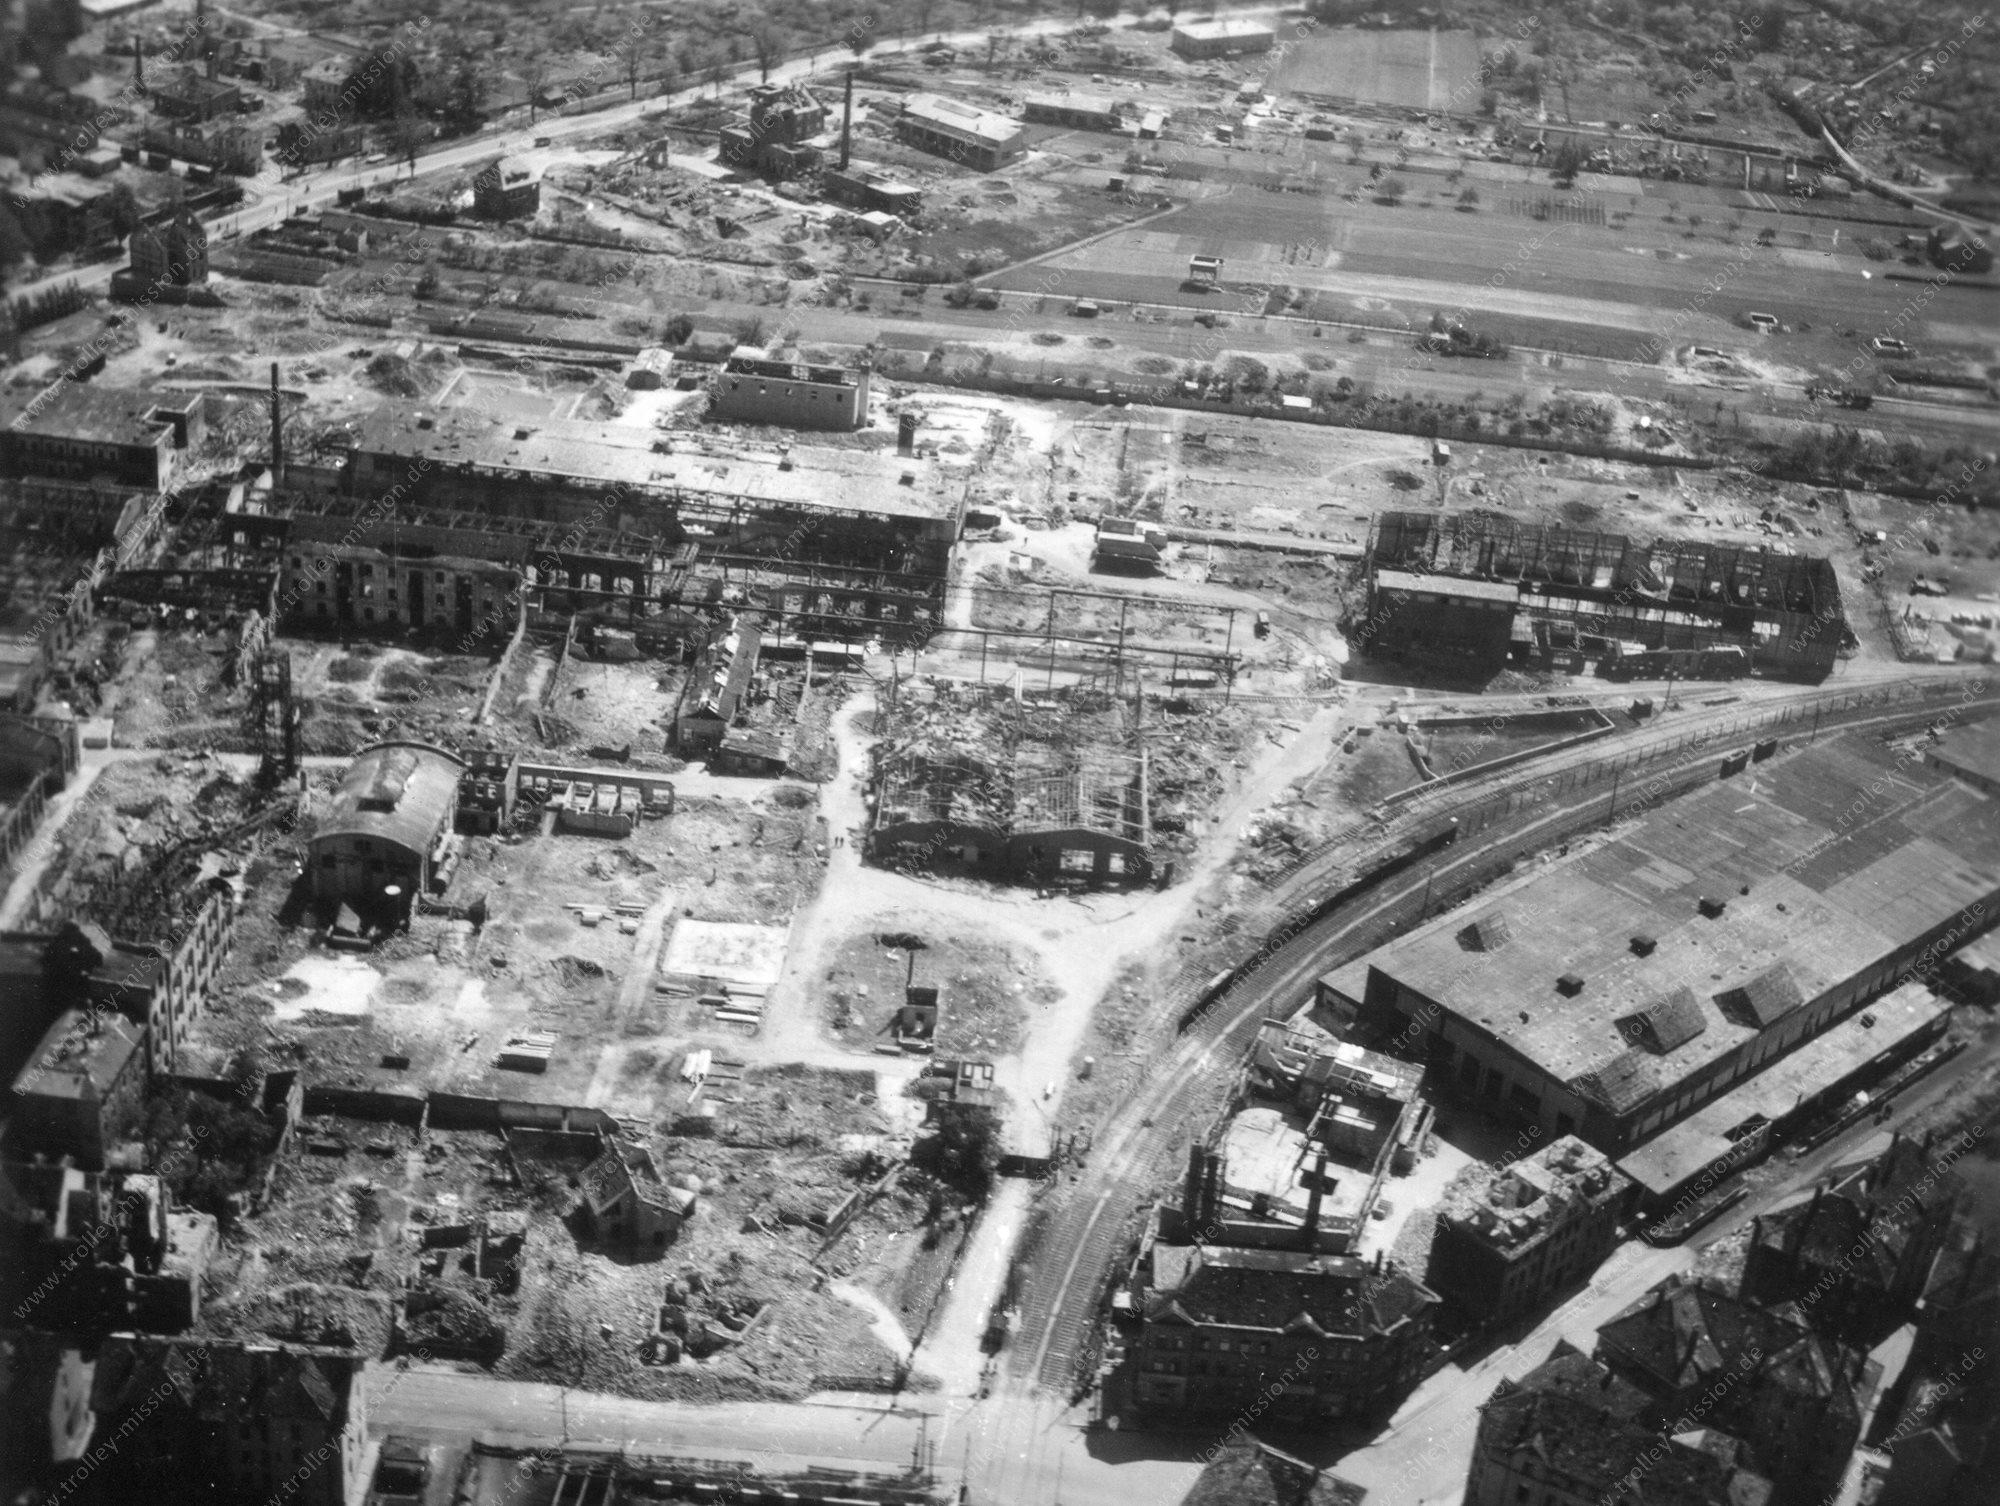 Unbekanntes Luftbild - Zweiter Weltkrieg - Industrie